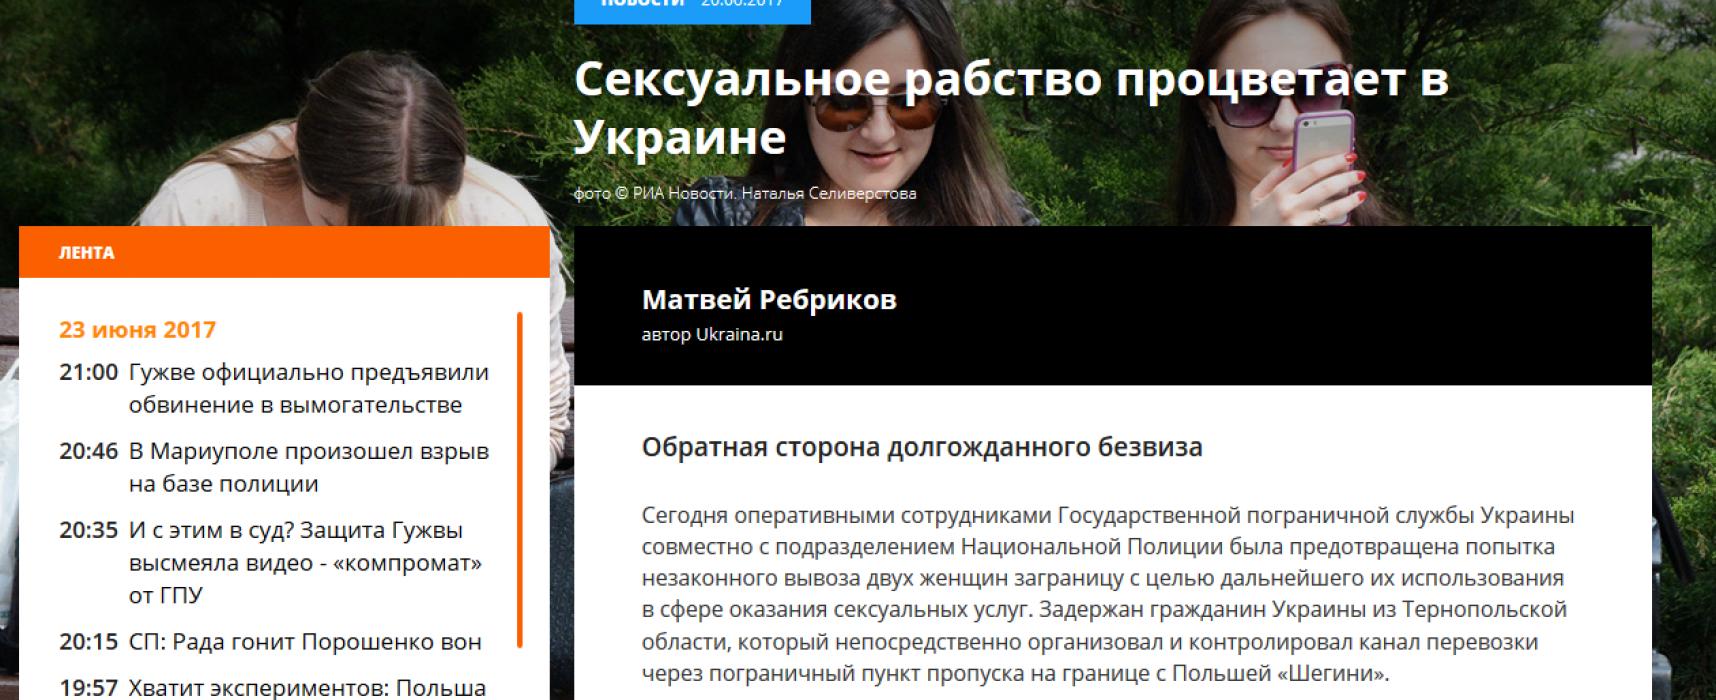 Fake: Neue Visafreiheit für Ukrainer wird Menschenhandel mit ukrainischen Frauen erhöhen